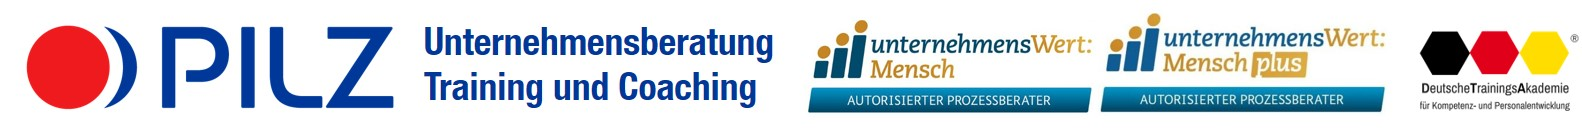 Unternehmensberatung Pilz Logo